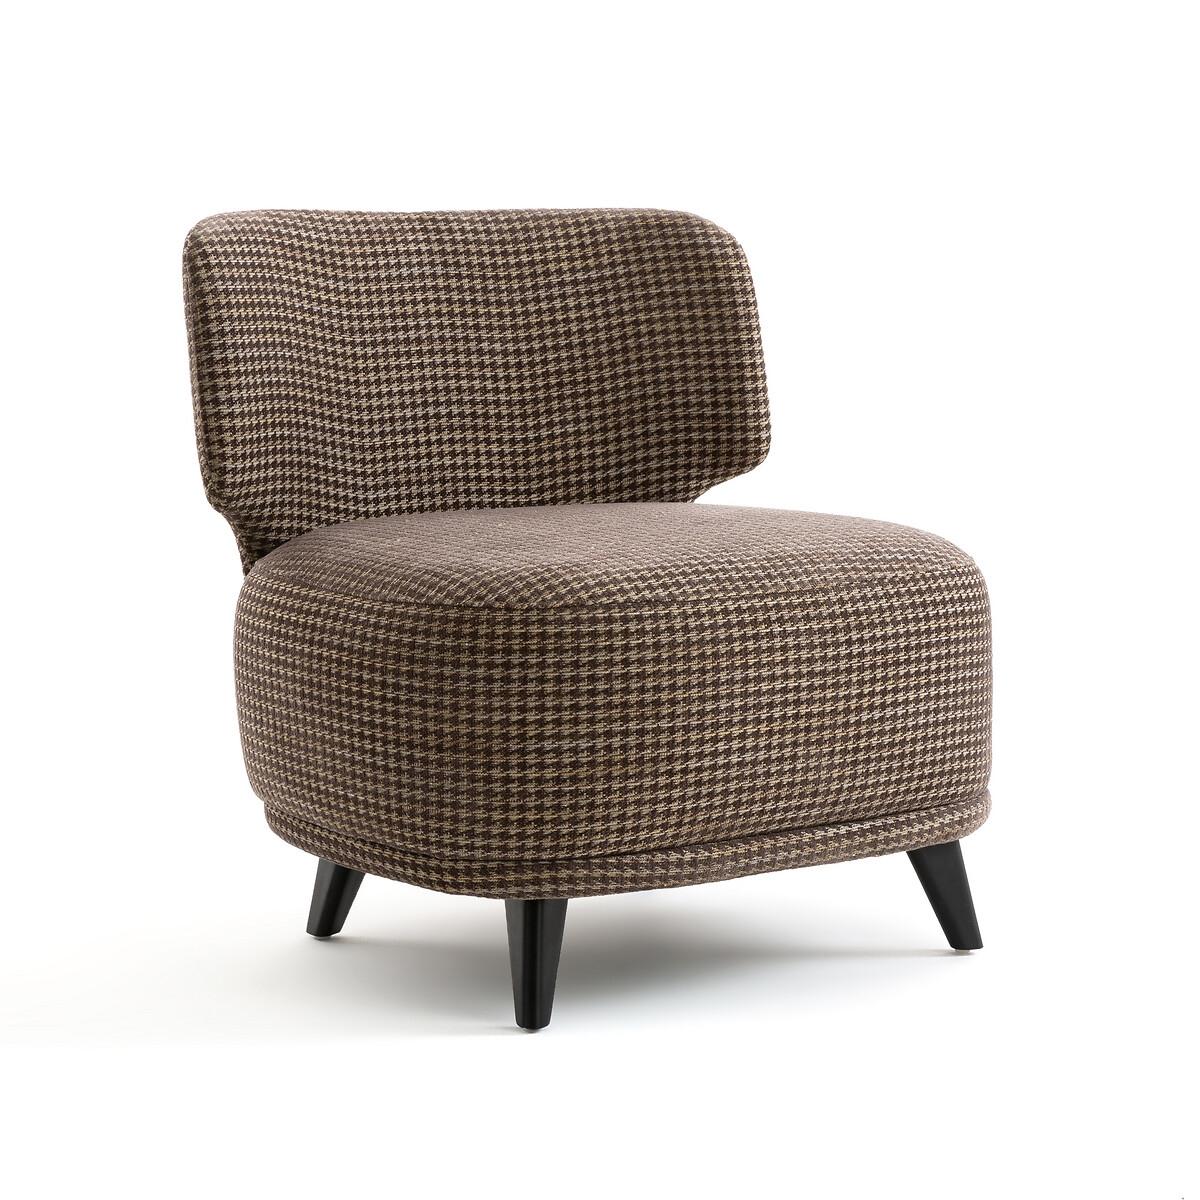 Кресло LaRedoute Каминное с принтом в ломаную клетку размер XL Odalie Э Галлина единый размер серый